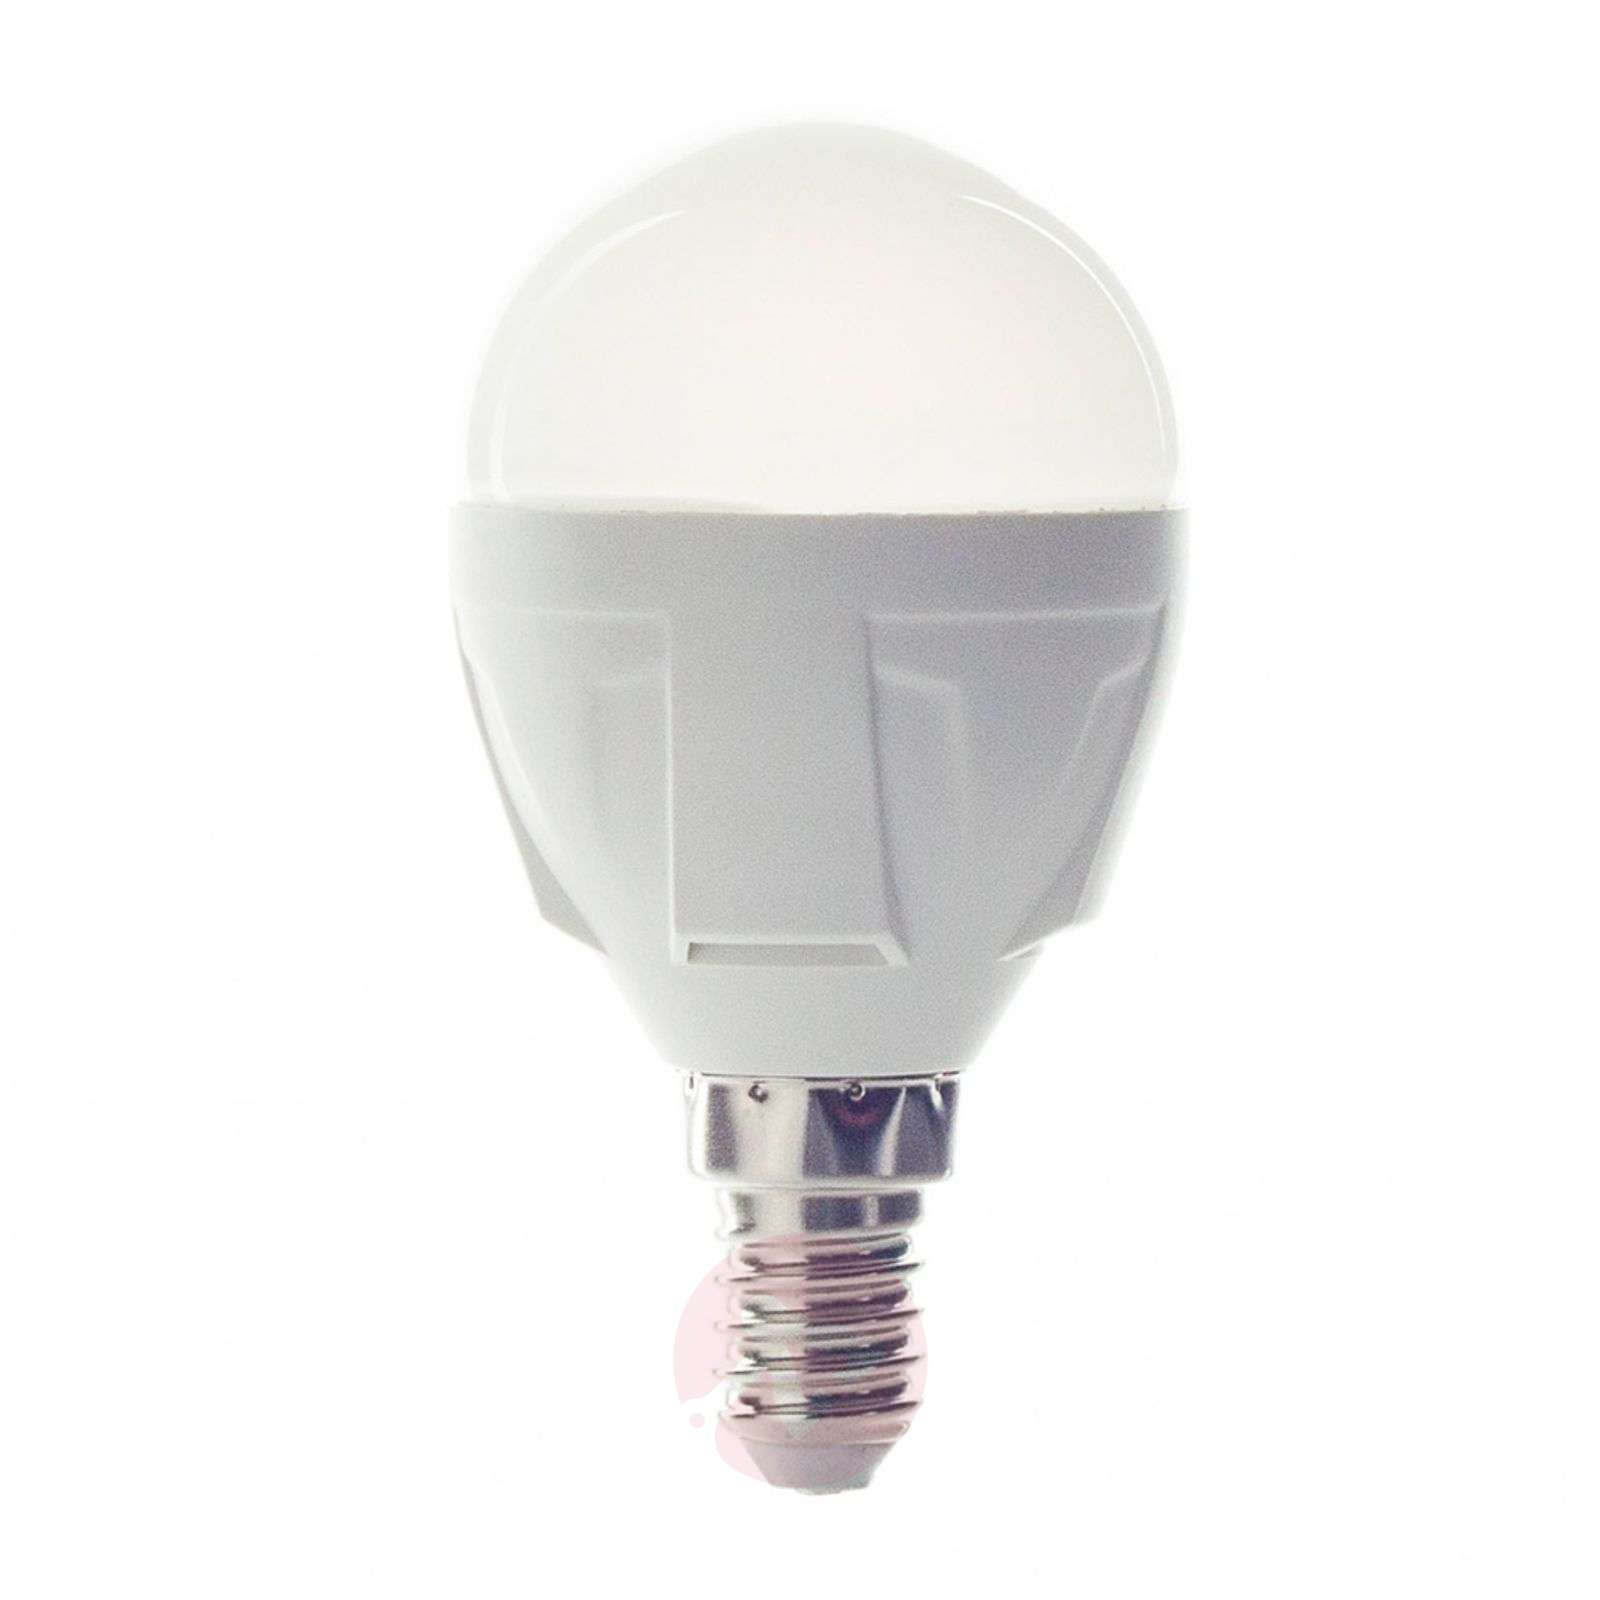 LED-pisaralamppu E14 6 W 830, lämmin valkoinen-9993007-02